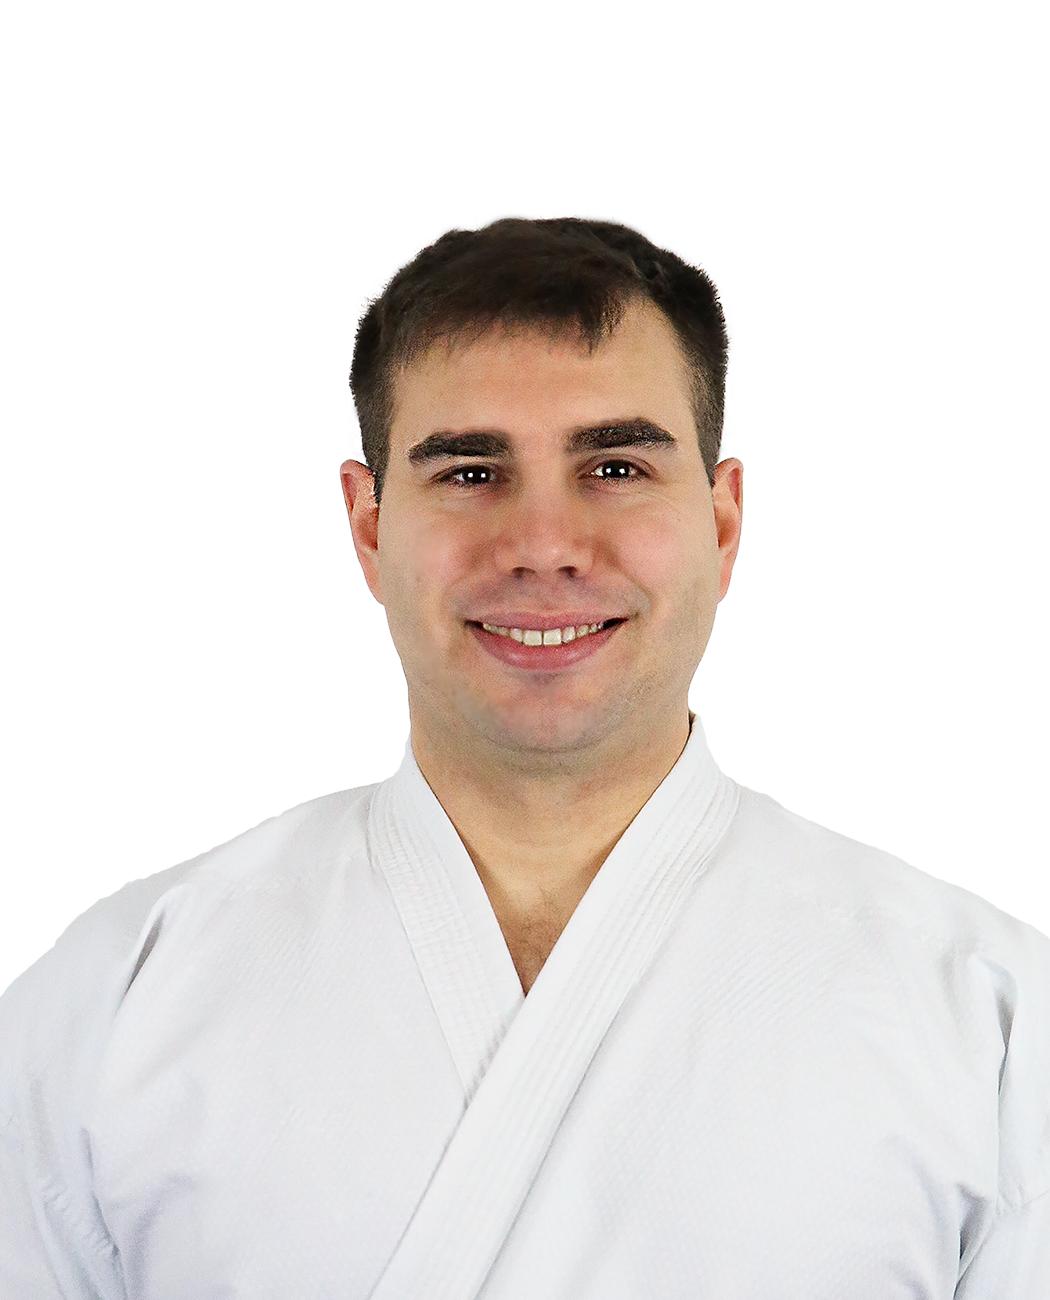 Karate_Trainer_Florian-Schleyer_Portrait Kopie